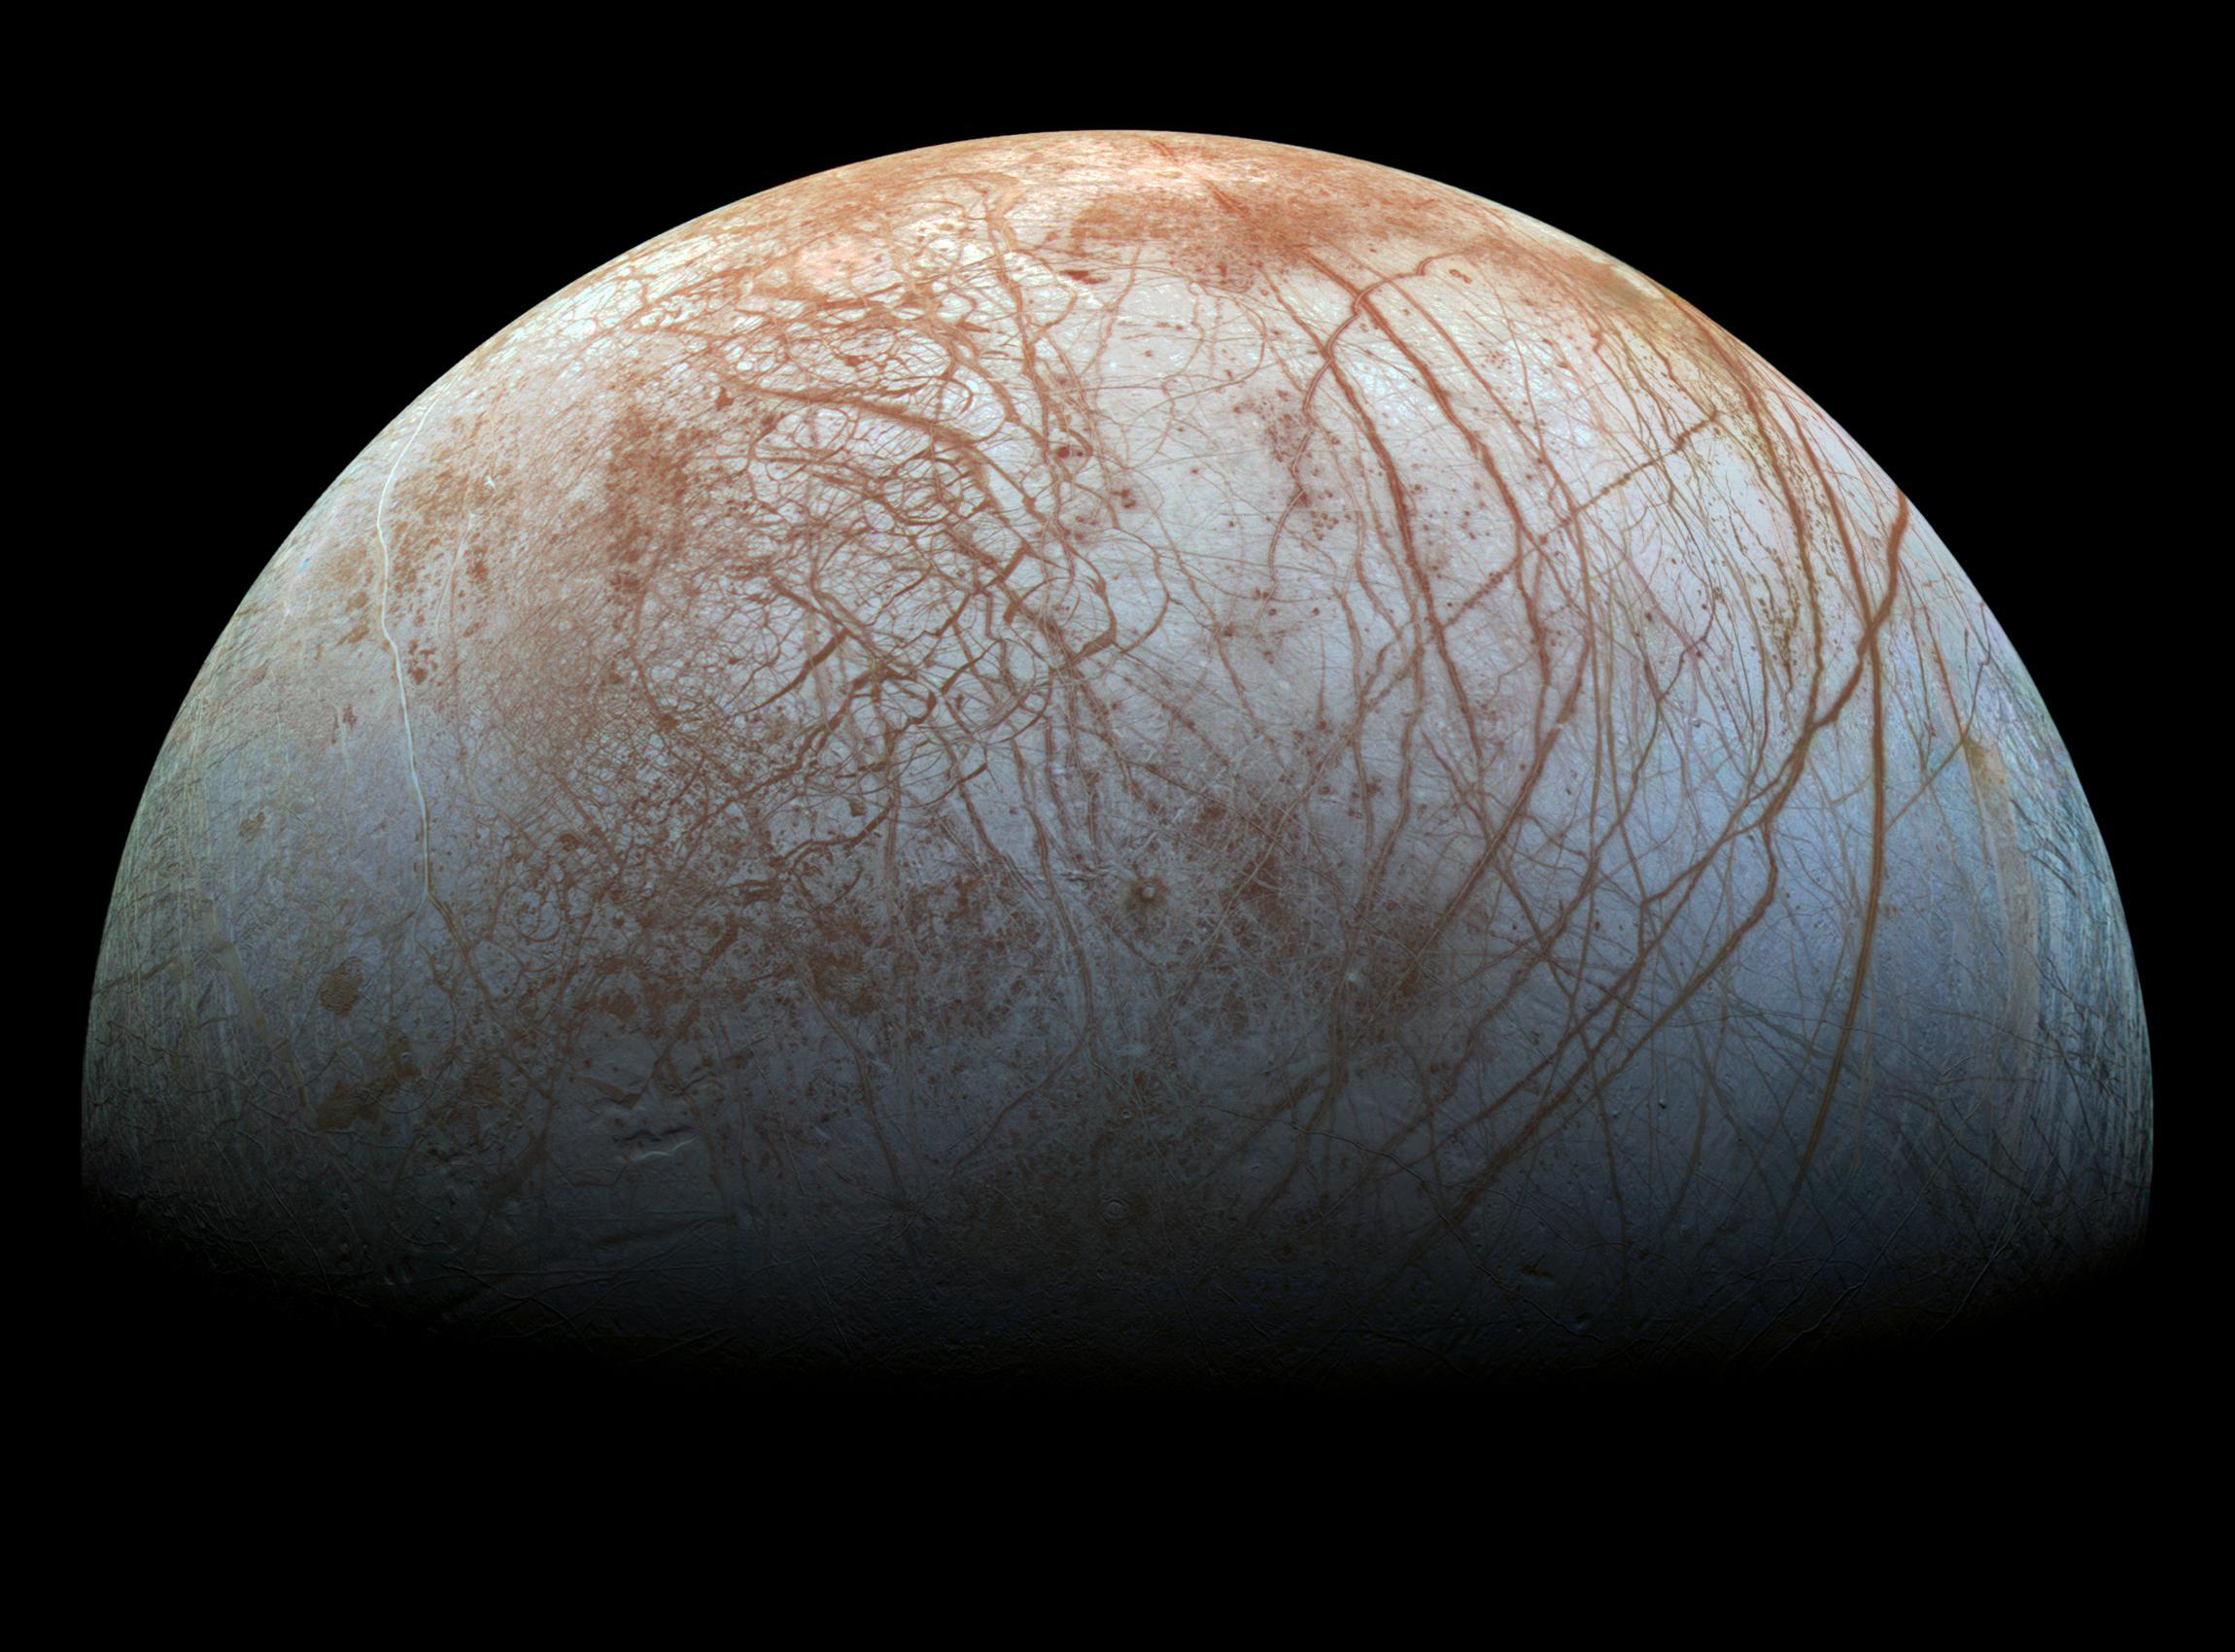 jupiter moon europa temp - photo #14